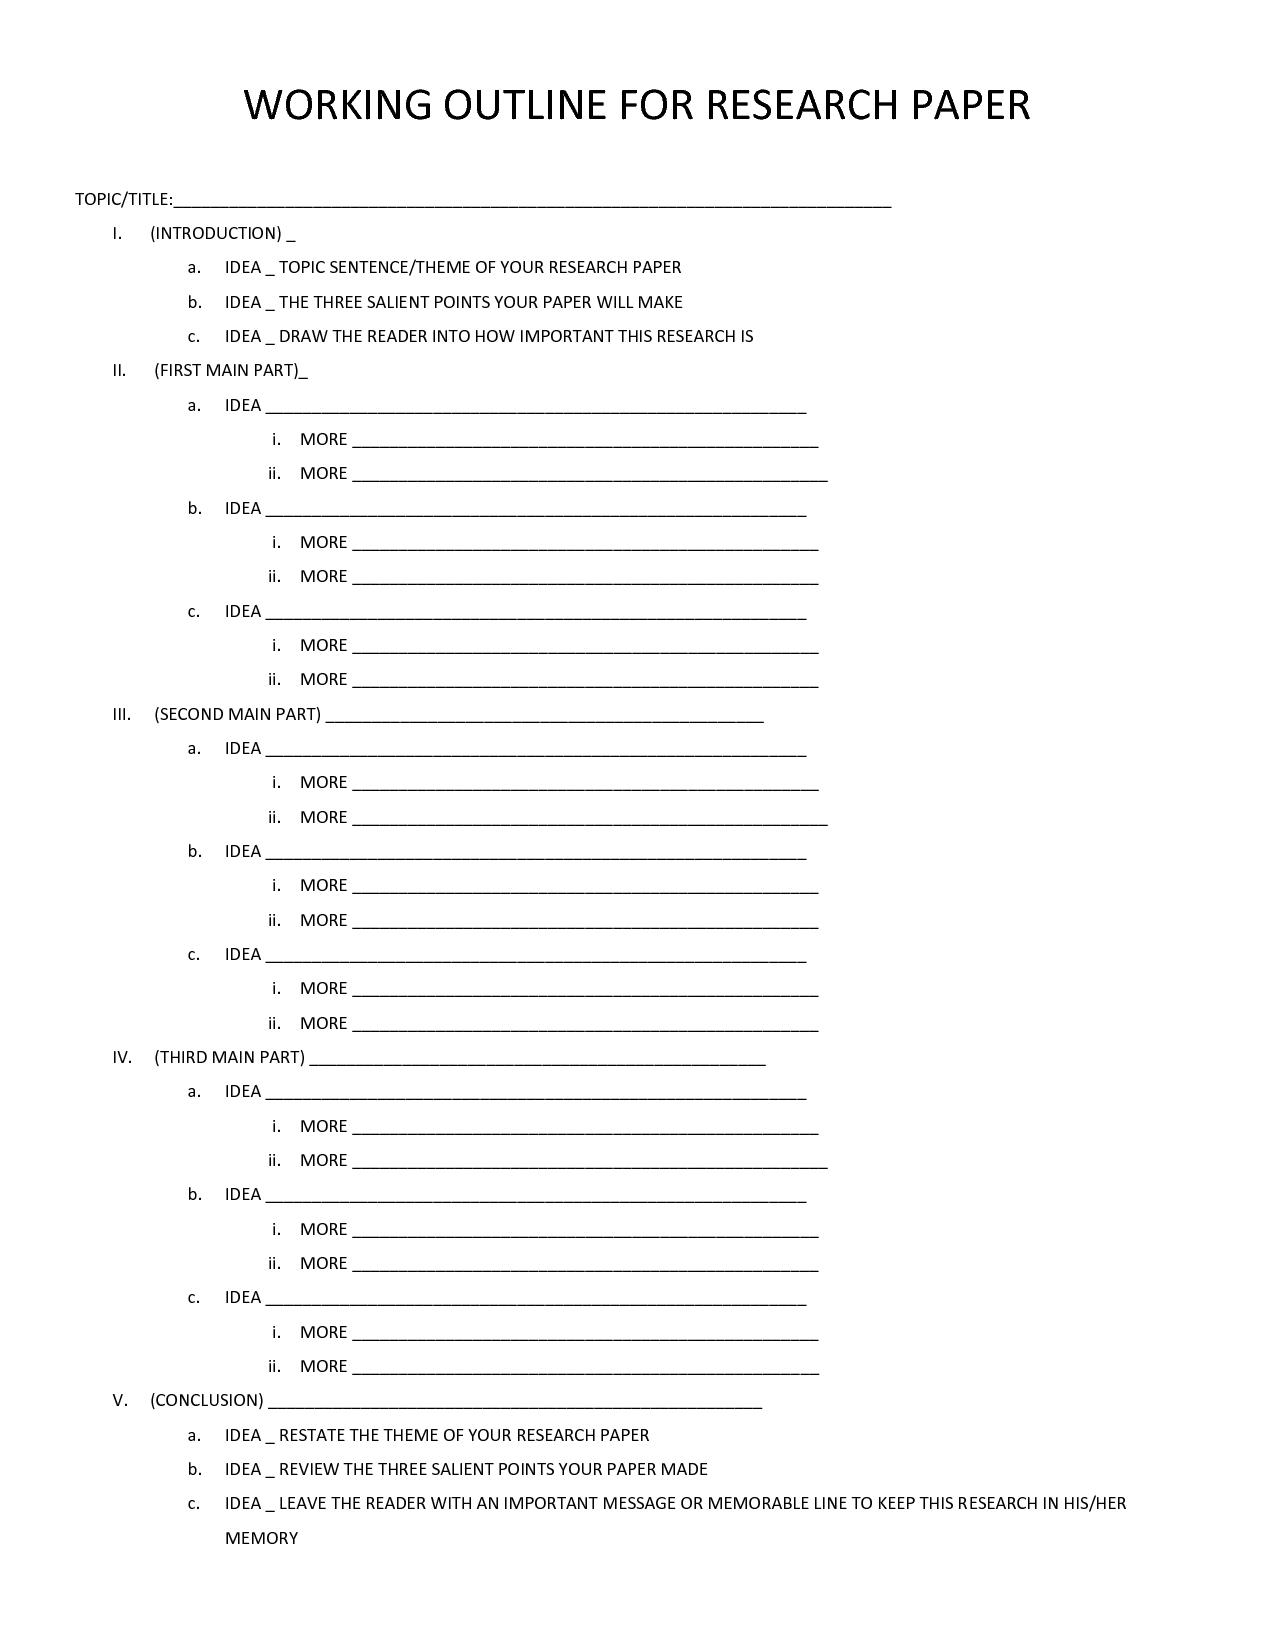 18 Best Images Of Manual J Load Calculation Worksheet